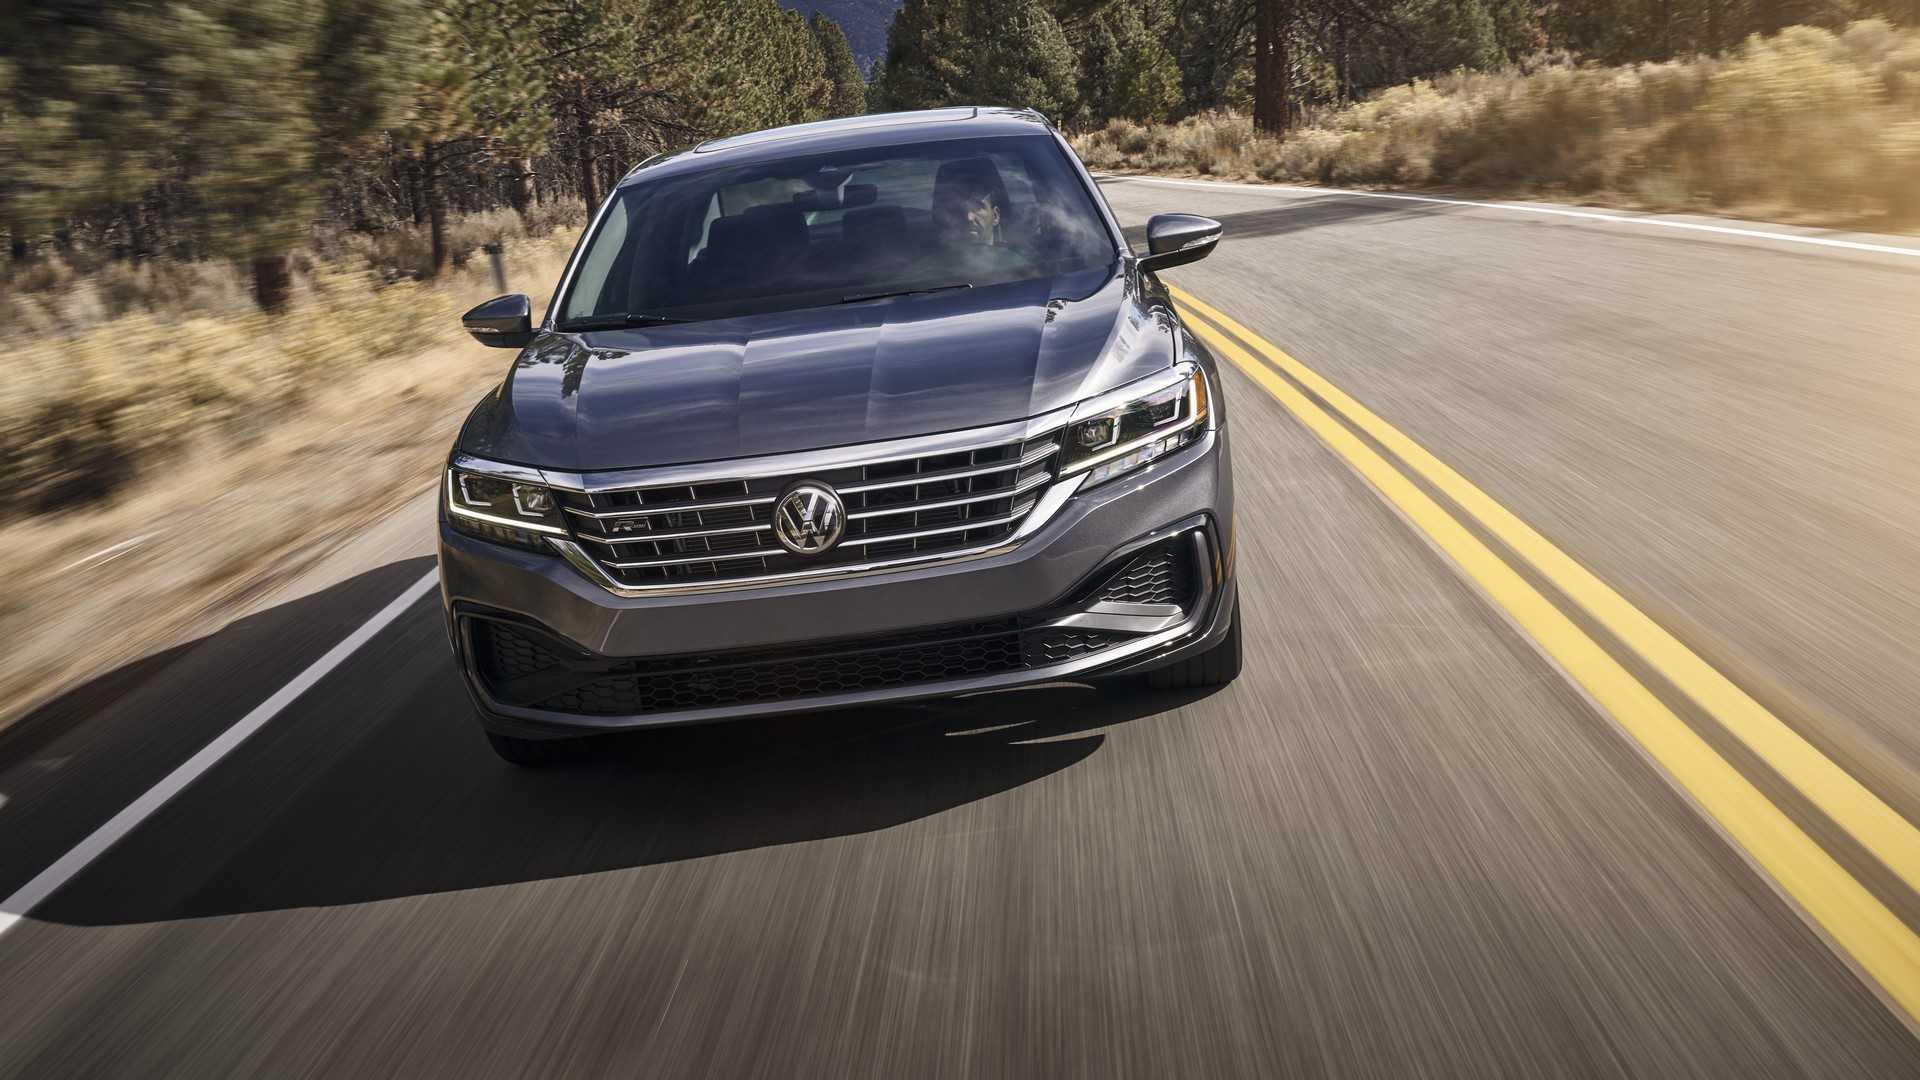 2020 Volkswagen Passat özellikleri ve fiyatı